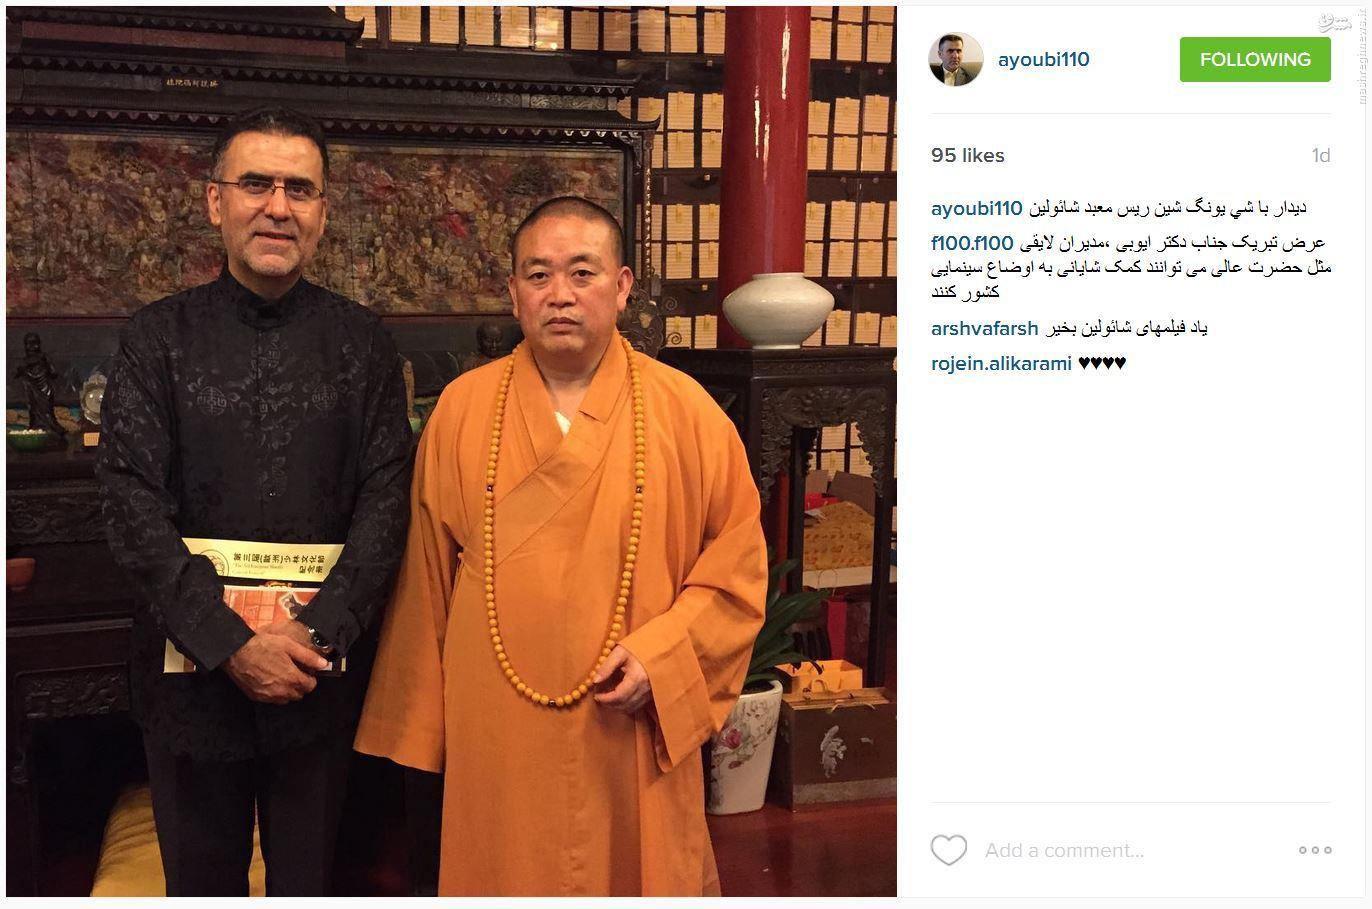 عکس/ دیدار ایوبی با رئیس معبد شائولین